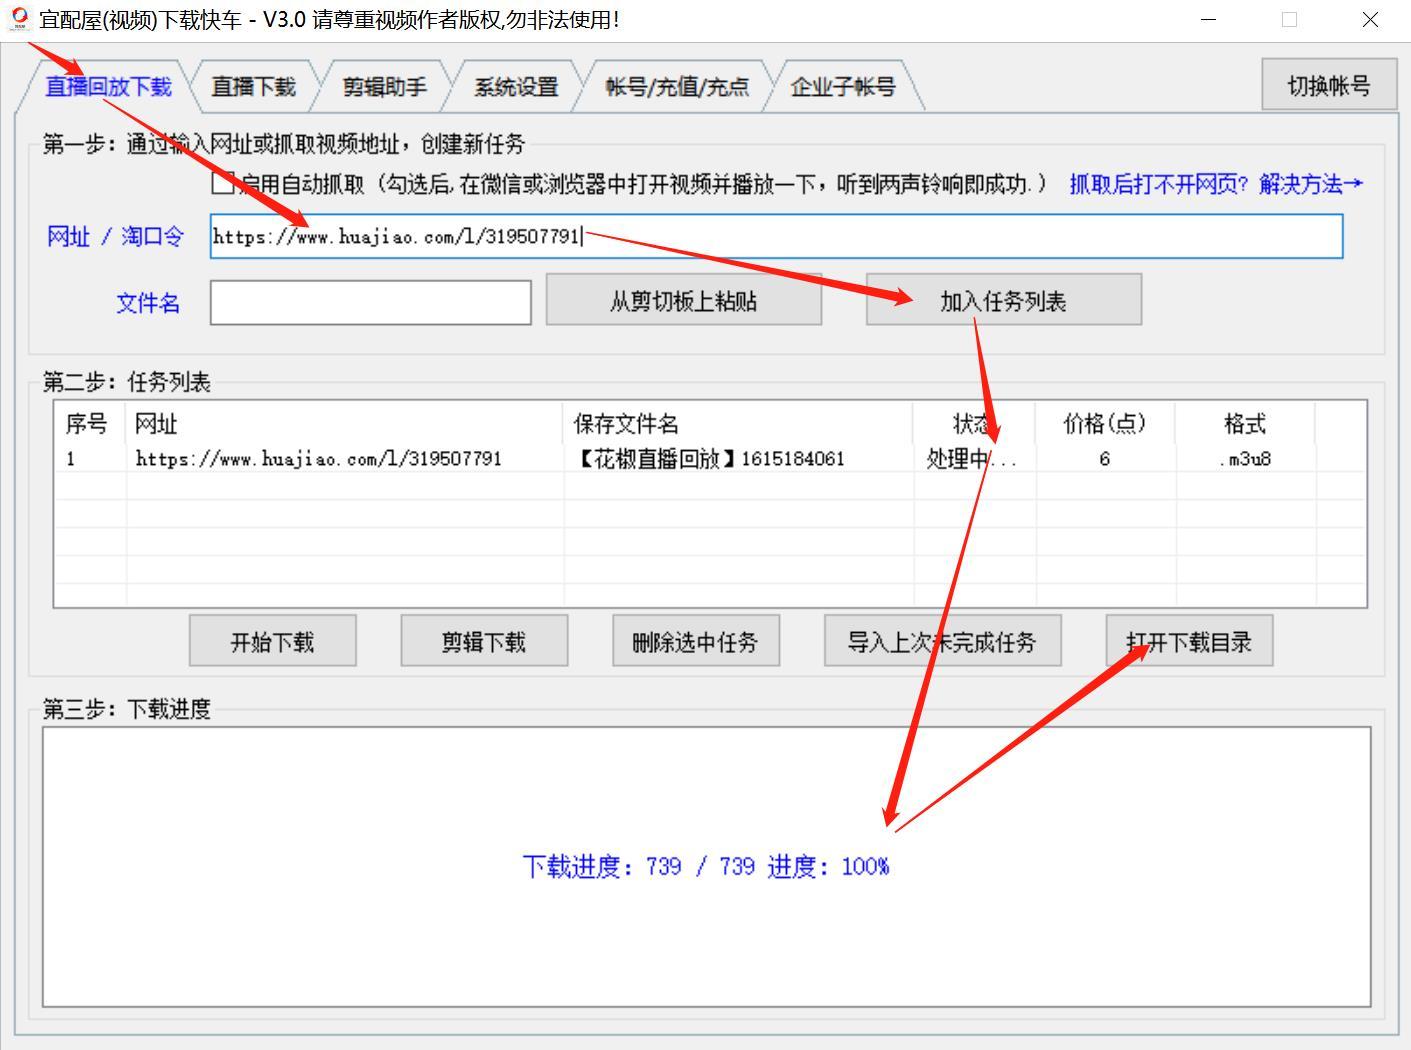 花椒回放视频怎么下载保存?花椒直播如何下载?粘上网址就可以下载mp4